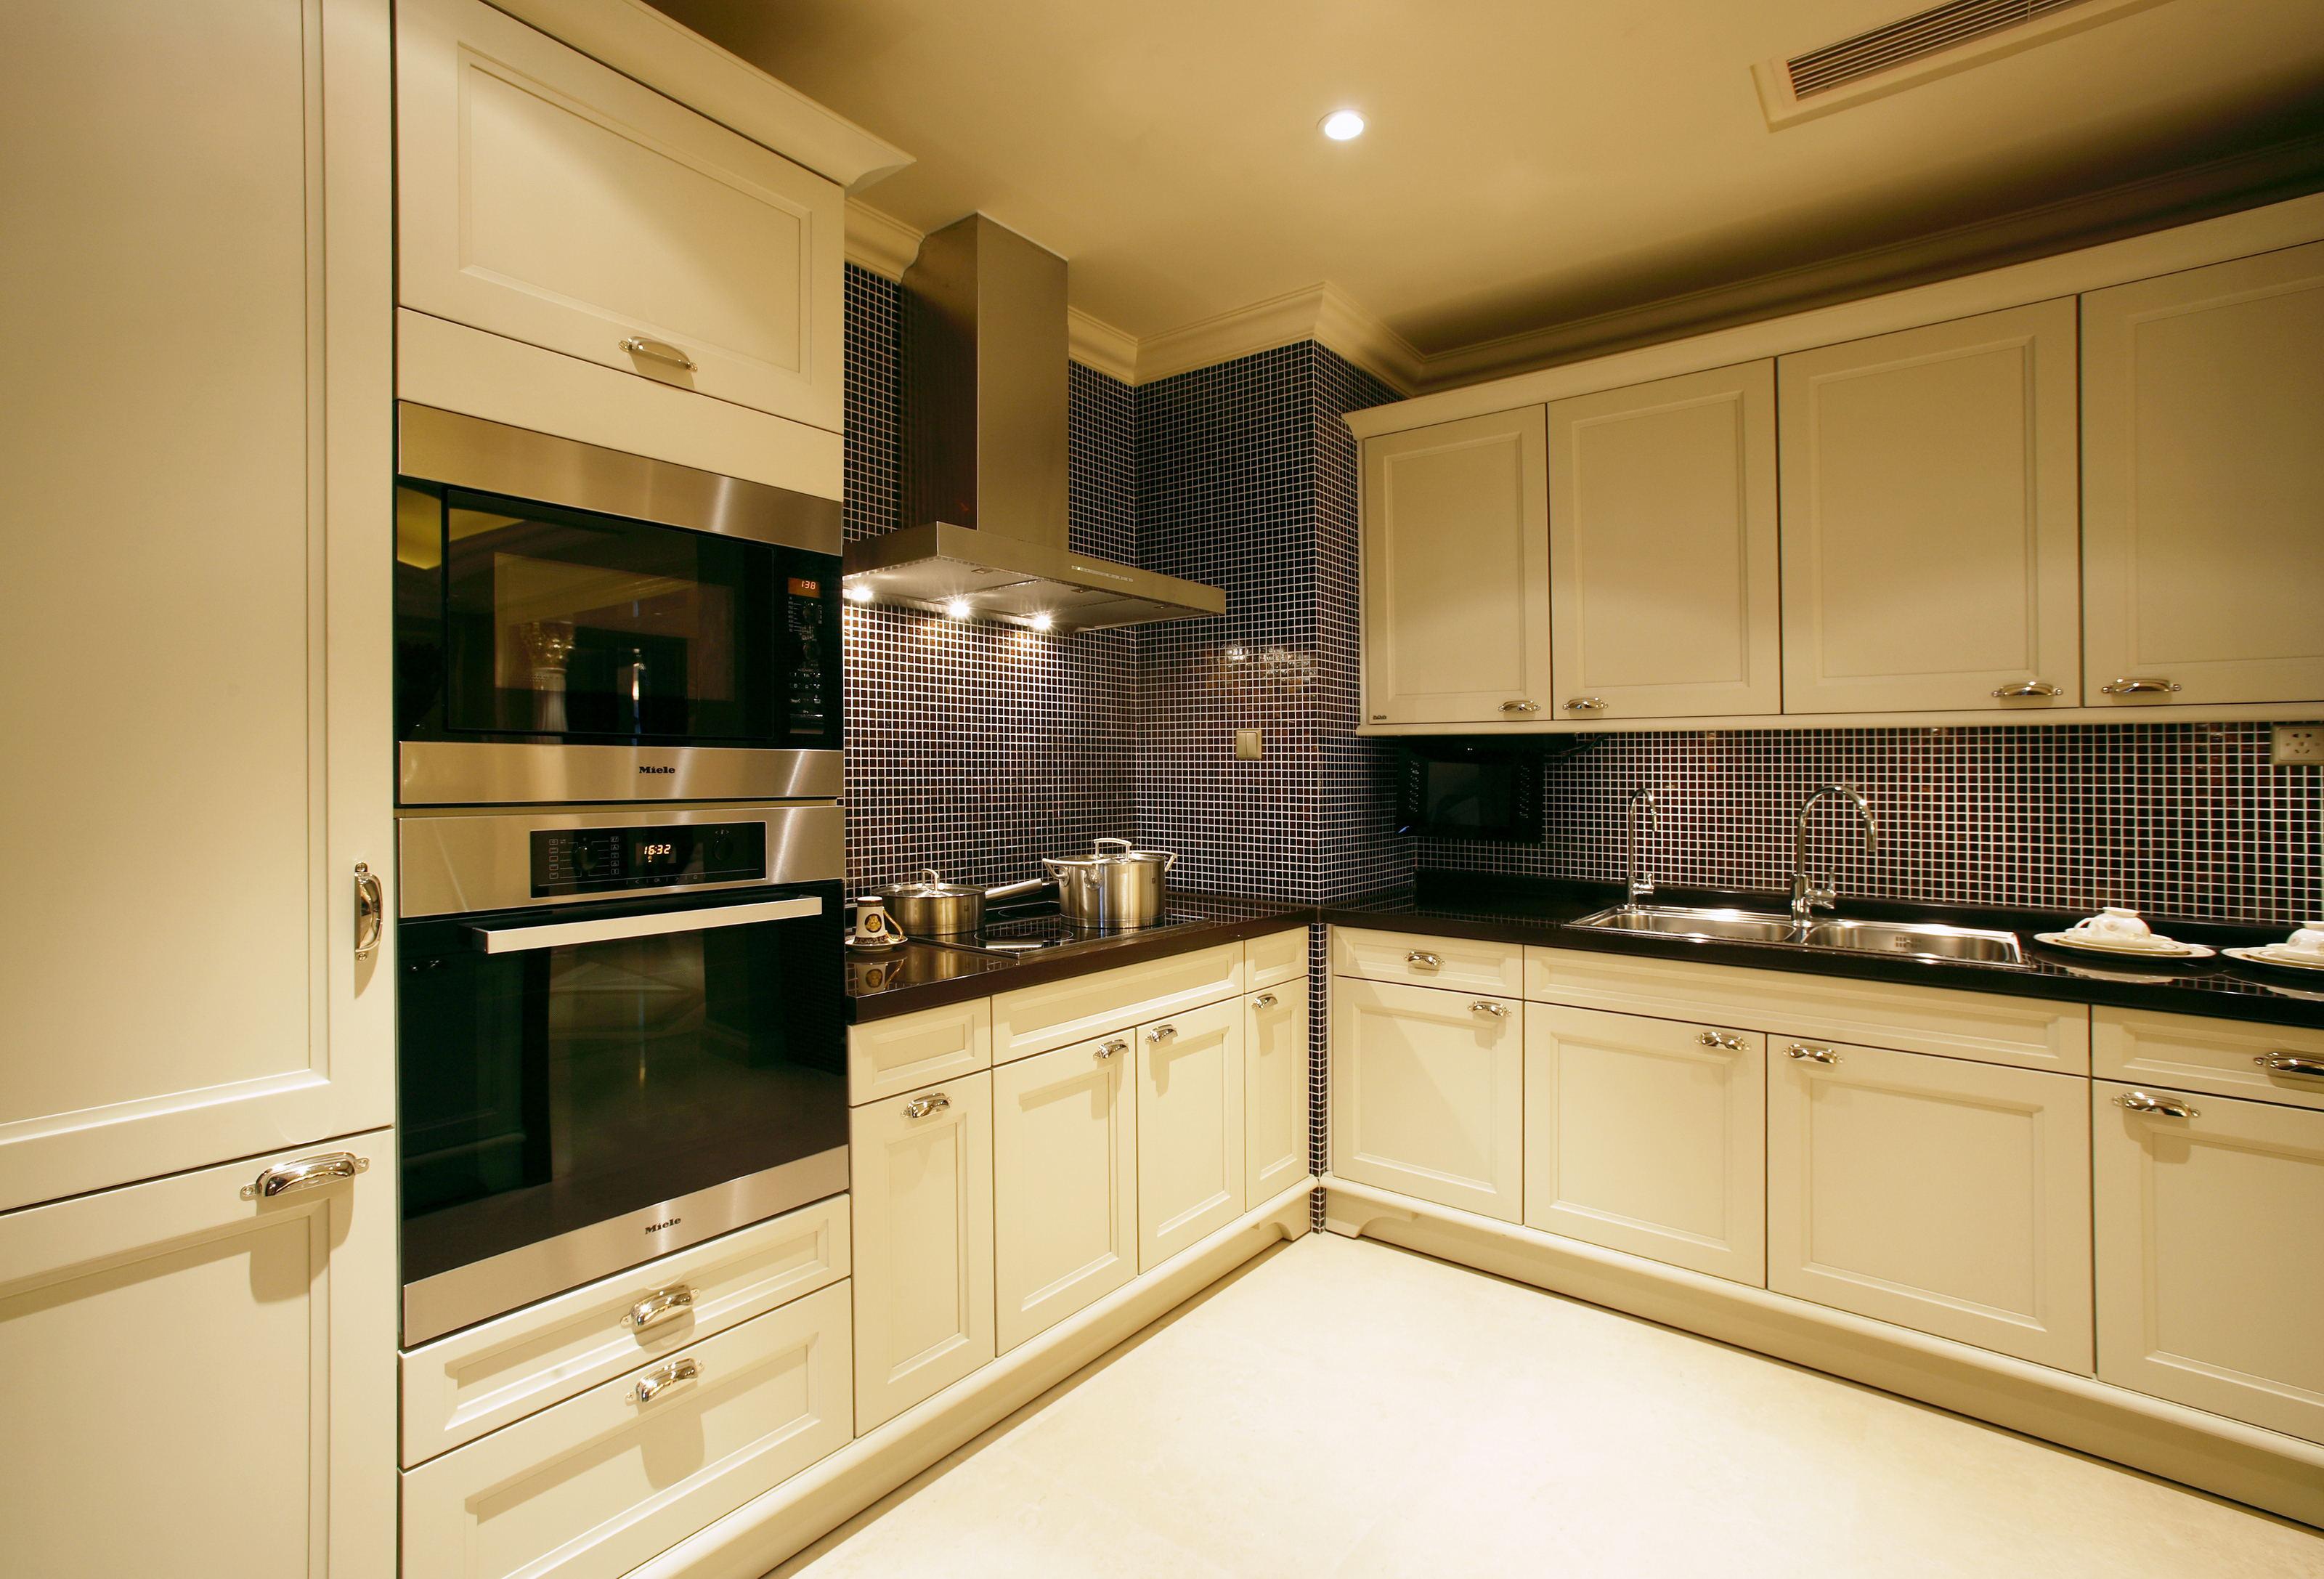 简约 欧式 别墅 厨房图片来自1043284585x在花水湾同福别墅的分享